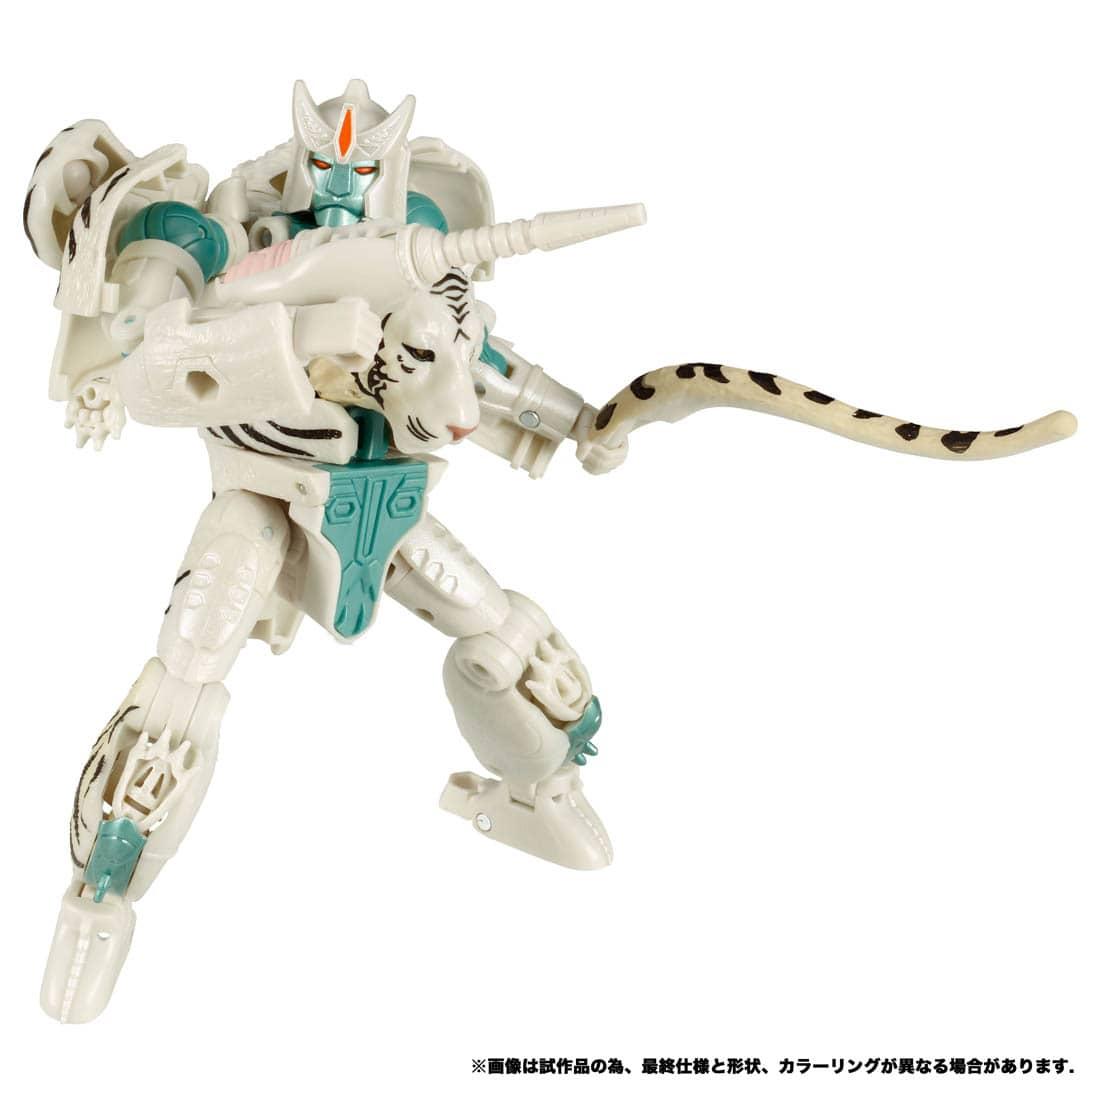 トランスフォーマー キングダム『KD-14 タイガトロン』可変可動フィギュア-003